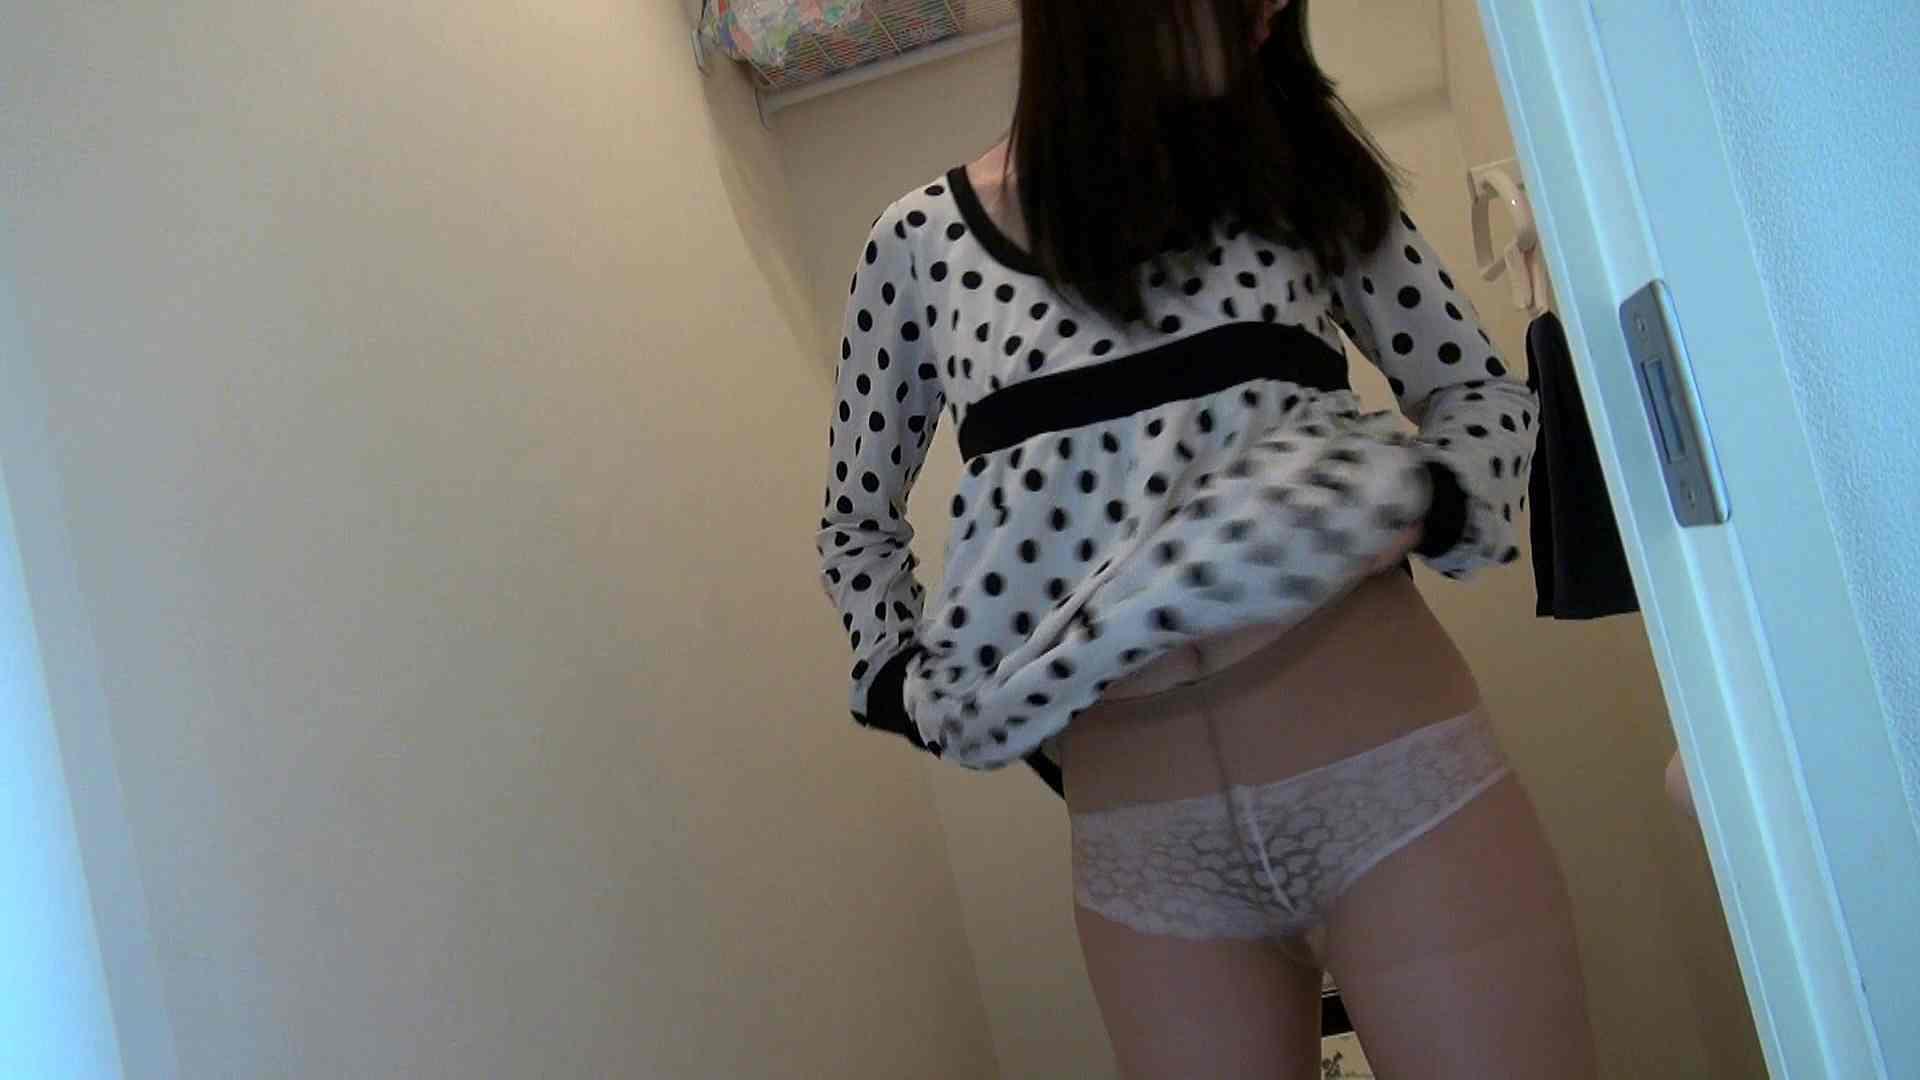 志穂さんにお手洗いに行ってもらいましょう 盗撮   おまんこ  78pic 67